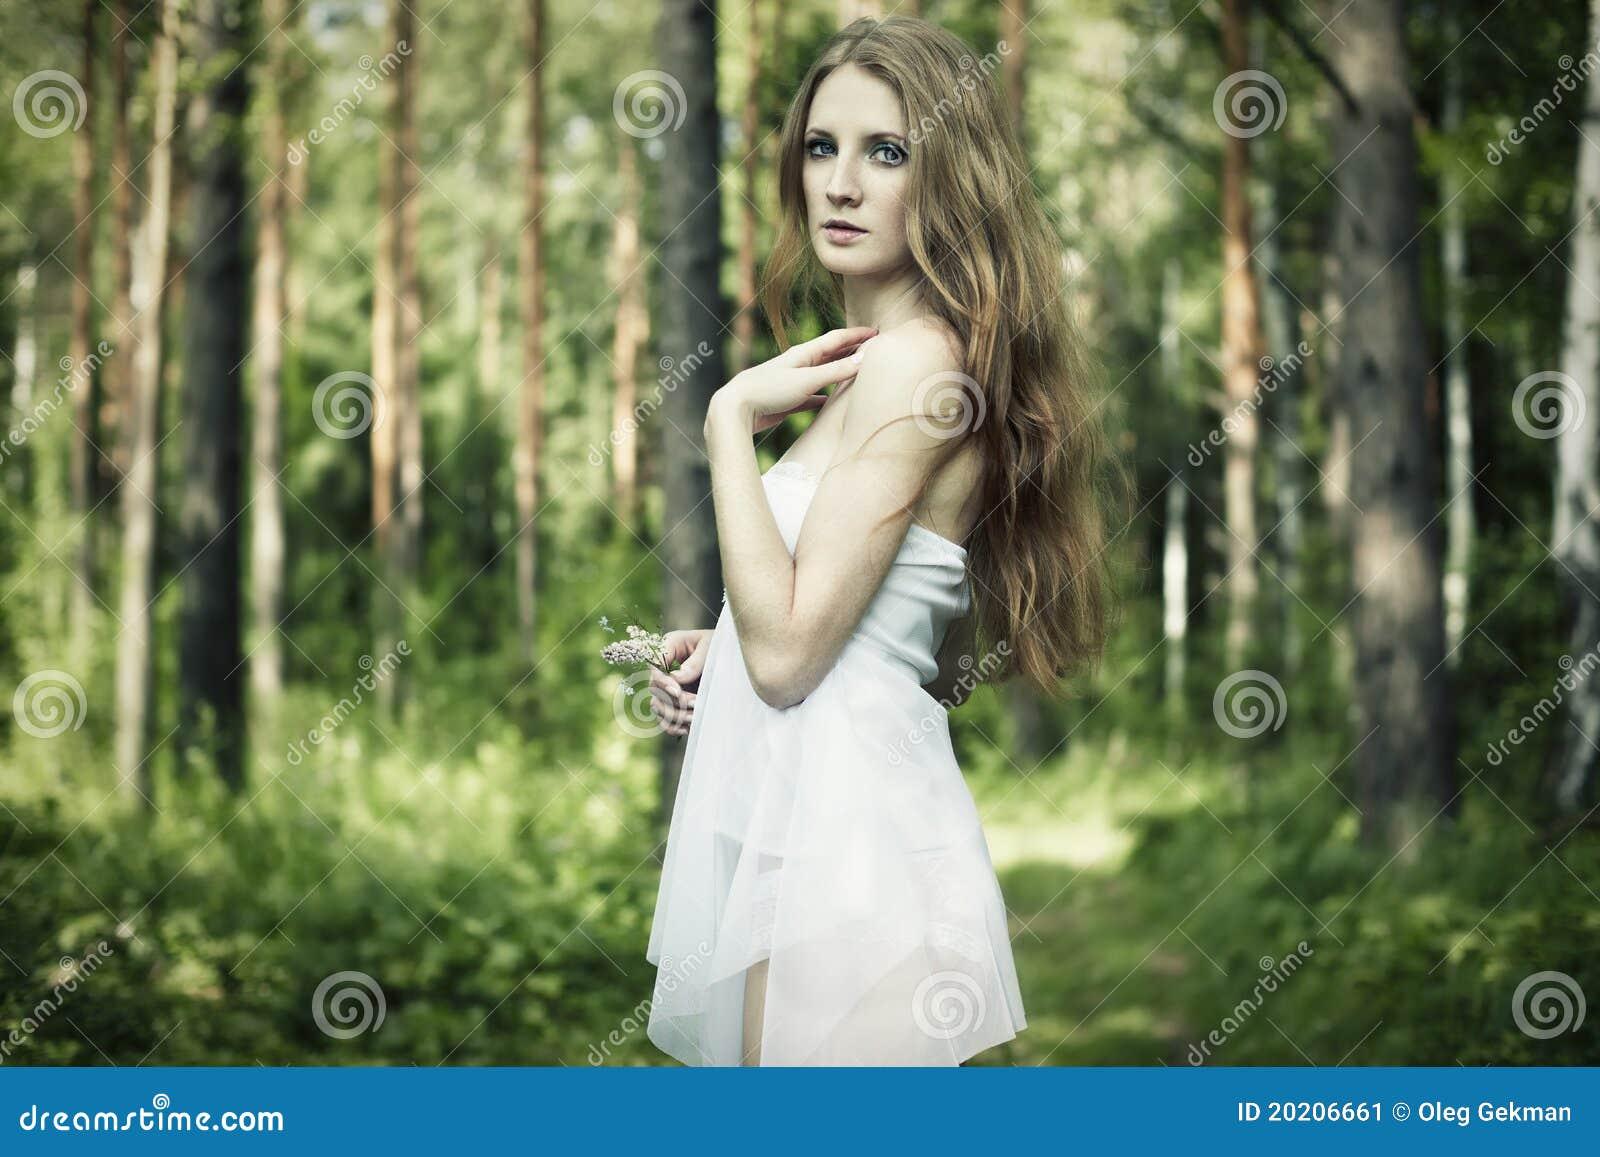 MöSen Im Wald